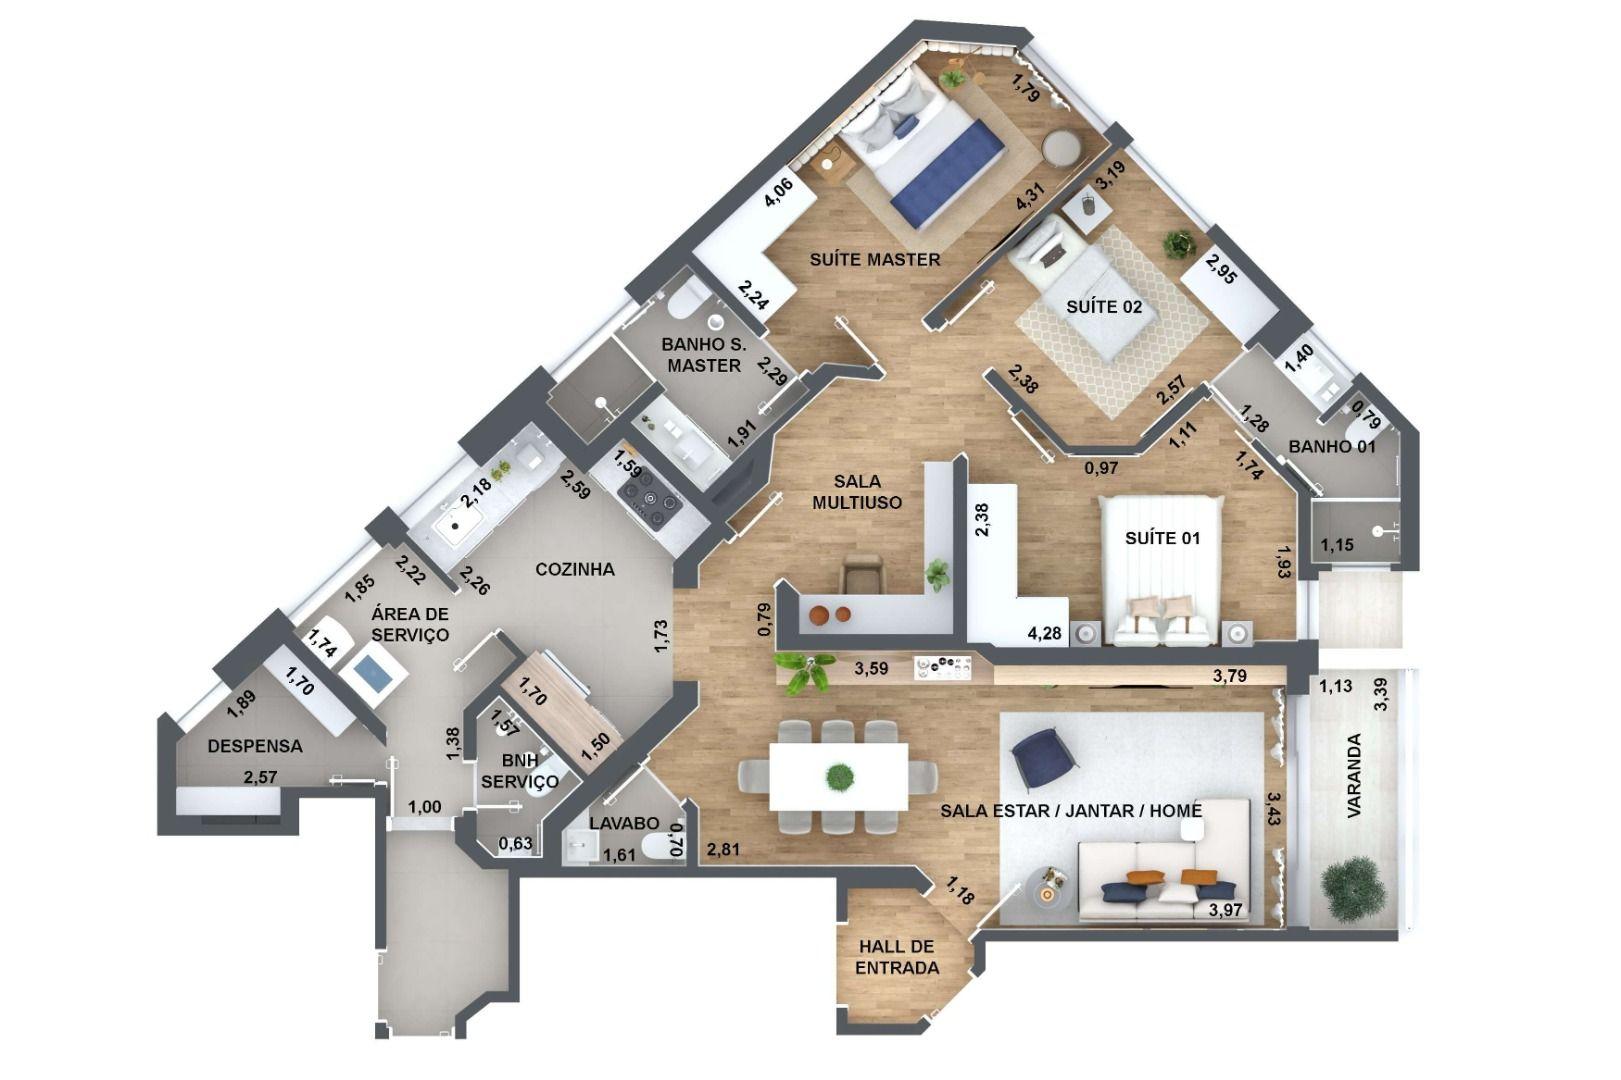 124 M² - 3 DORMITÓRIOS, SENDO 1 SUÍTE E 1 DEMI-SUÍTE. (Apartamento 32, 3º andar).